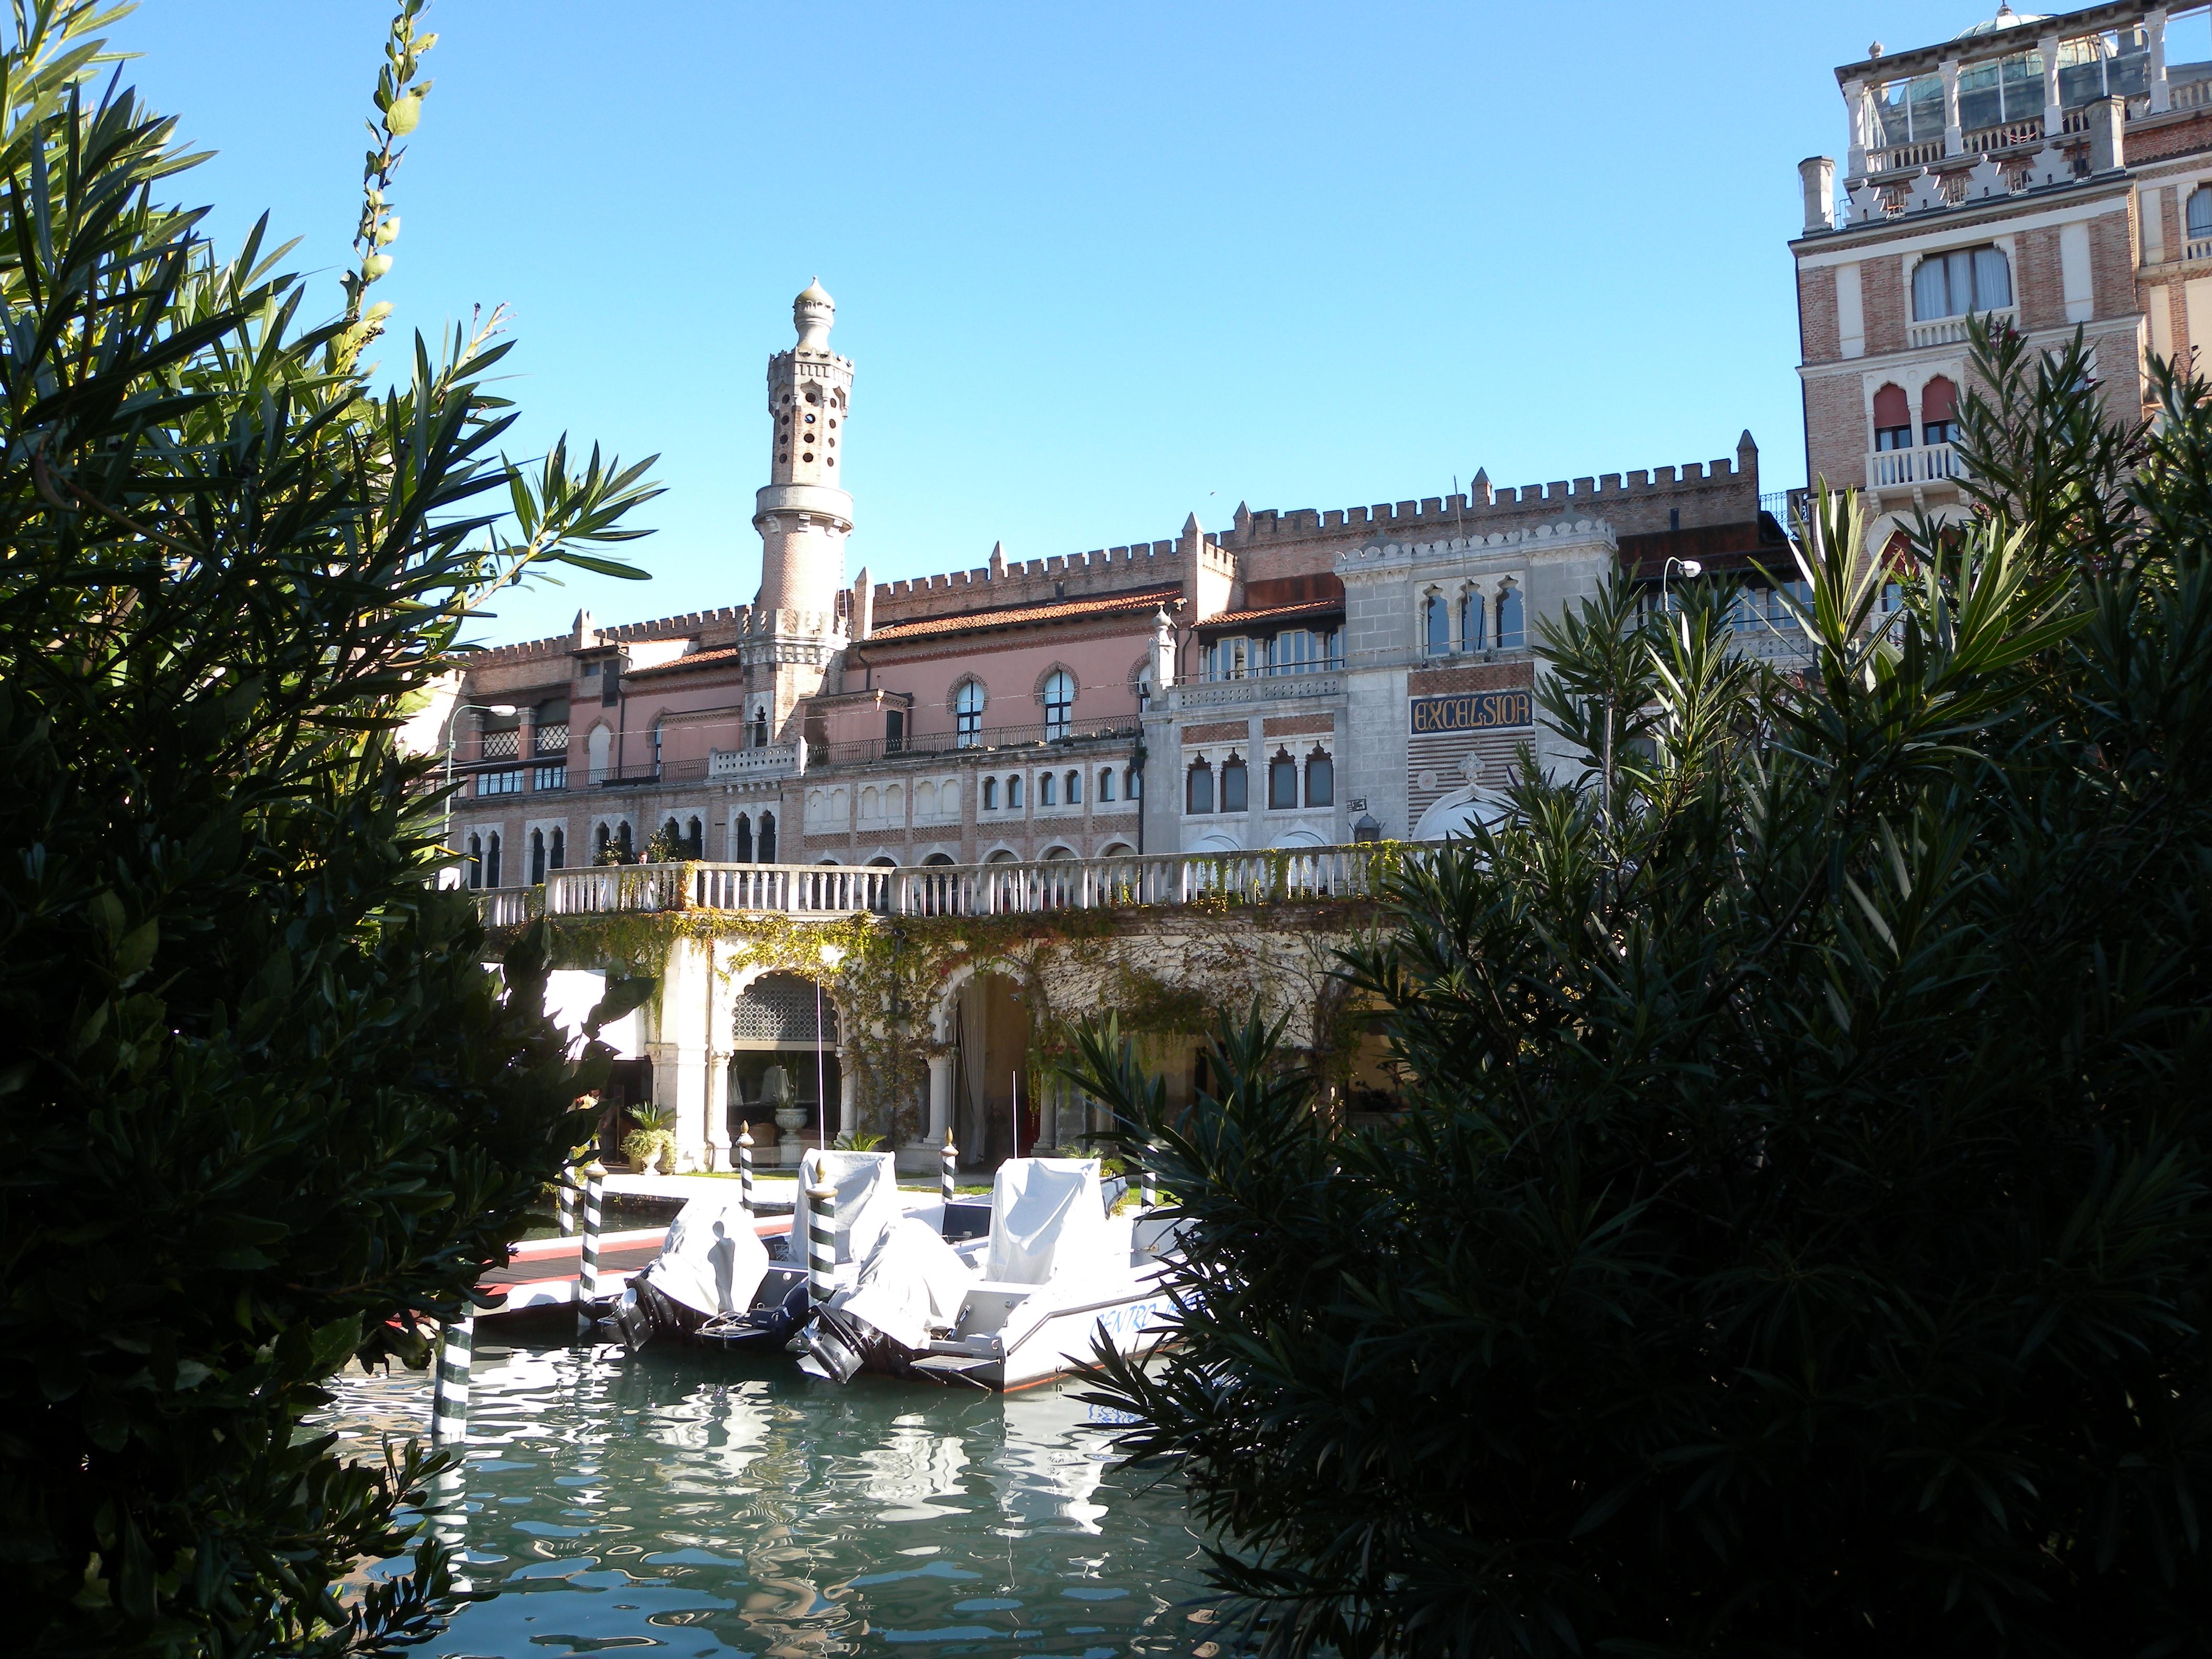 Hotel Excelsior, Venecia. Excelsior Hotel Venecia.